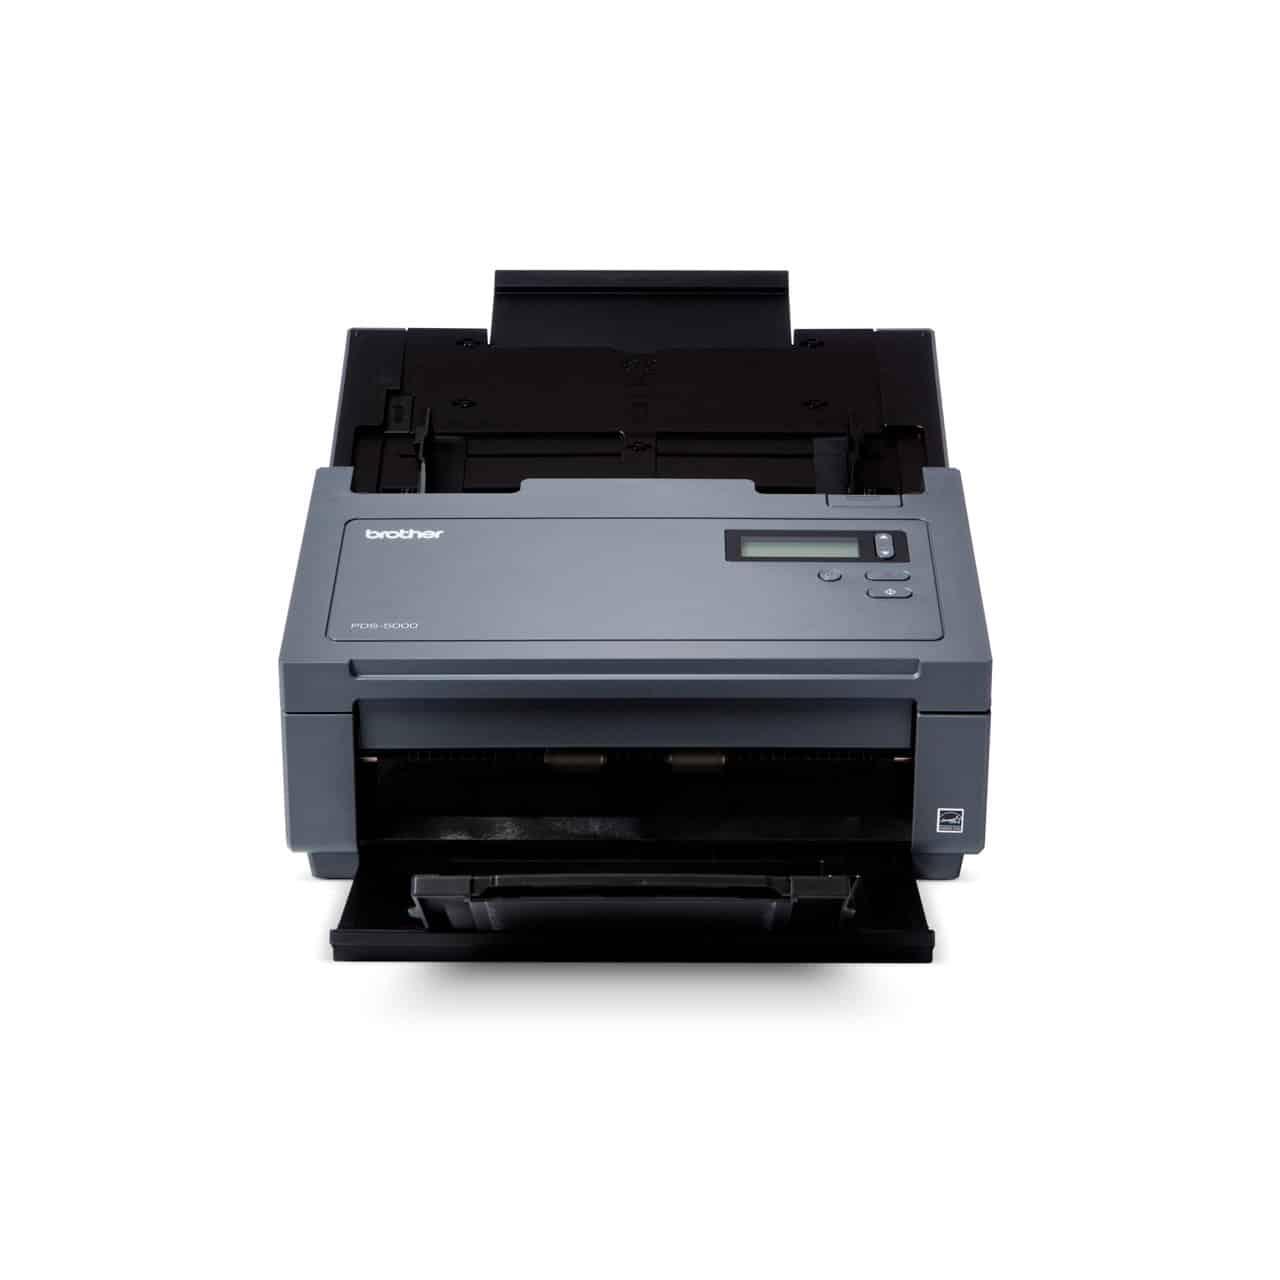 Brother PDS-5000 Professional Desktop Scanner